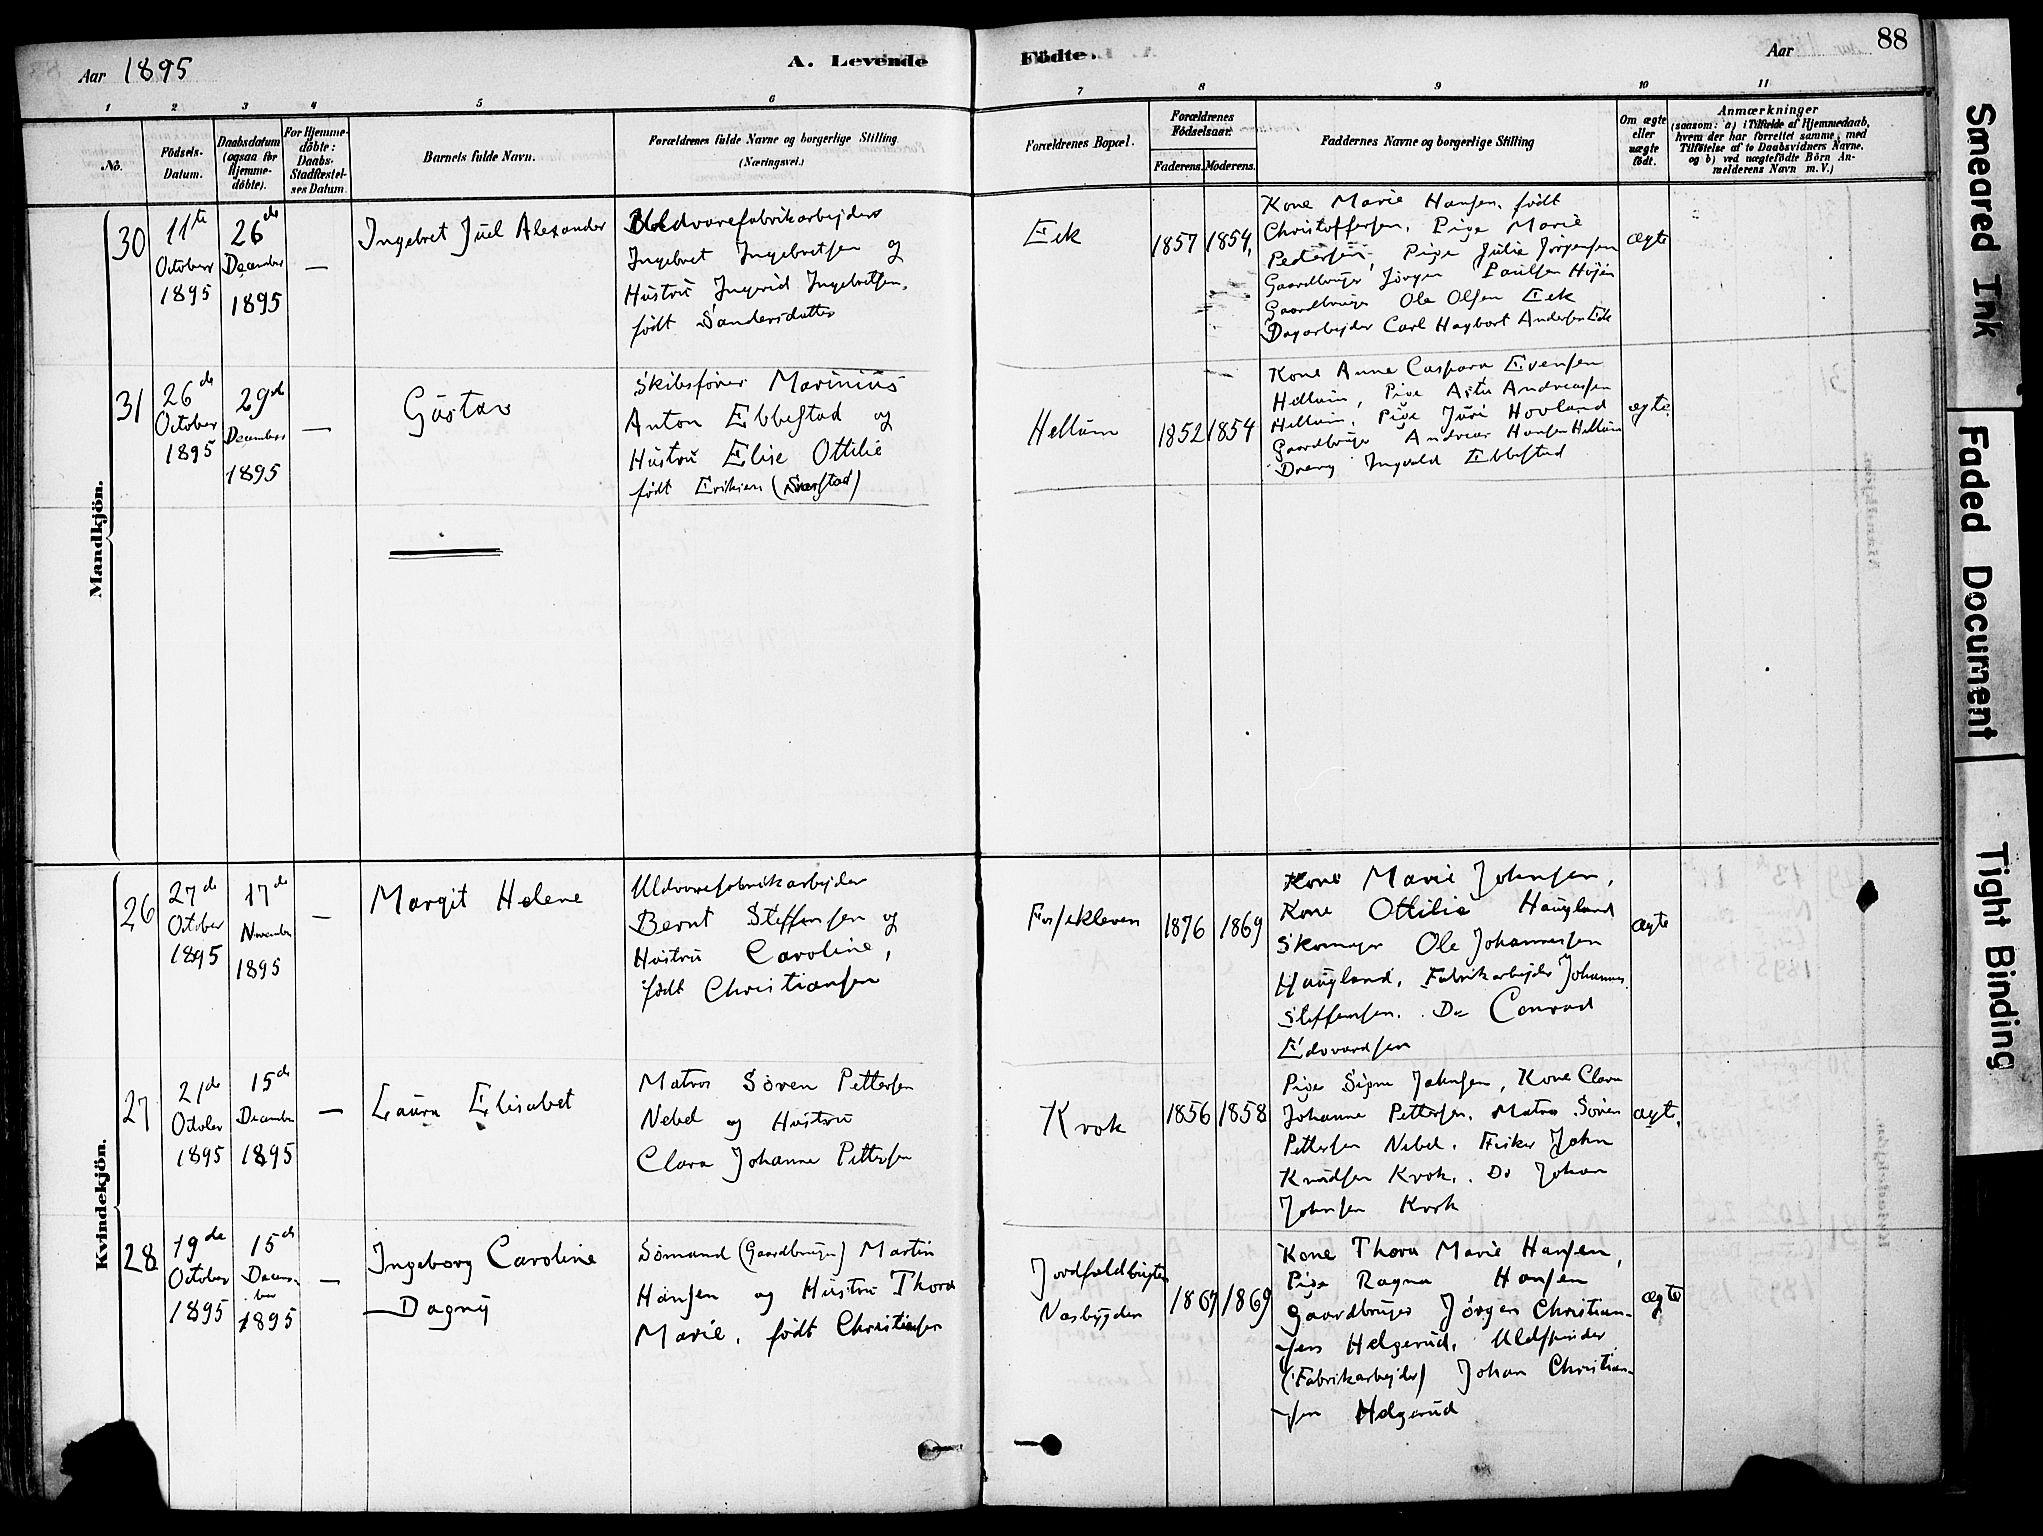 SAKO, Strømm kirkebøker, F/Fa/L0004: Ministerialbok nr. I 4, 1878-1899, s. 88